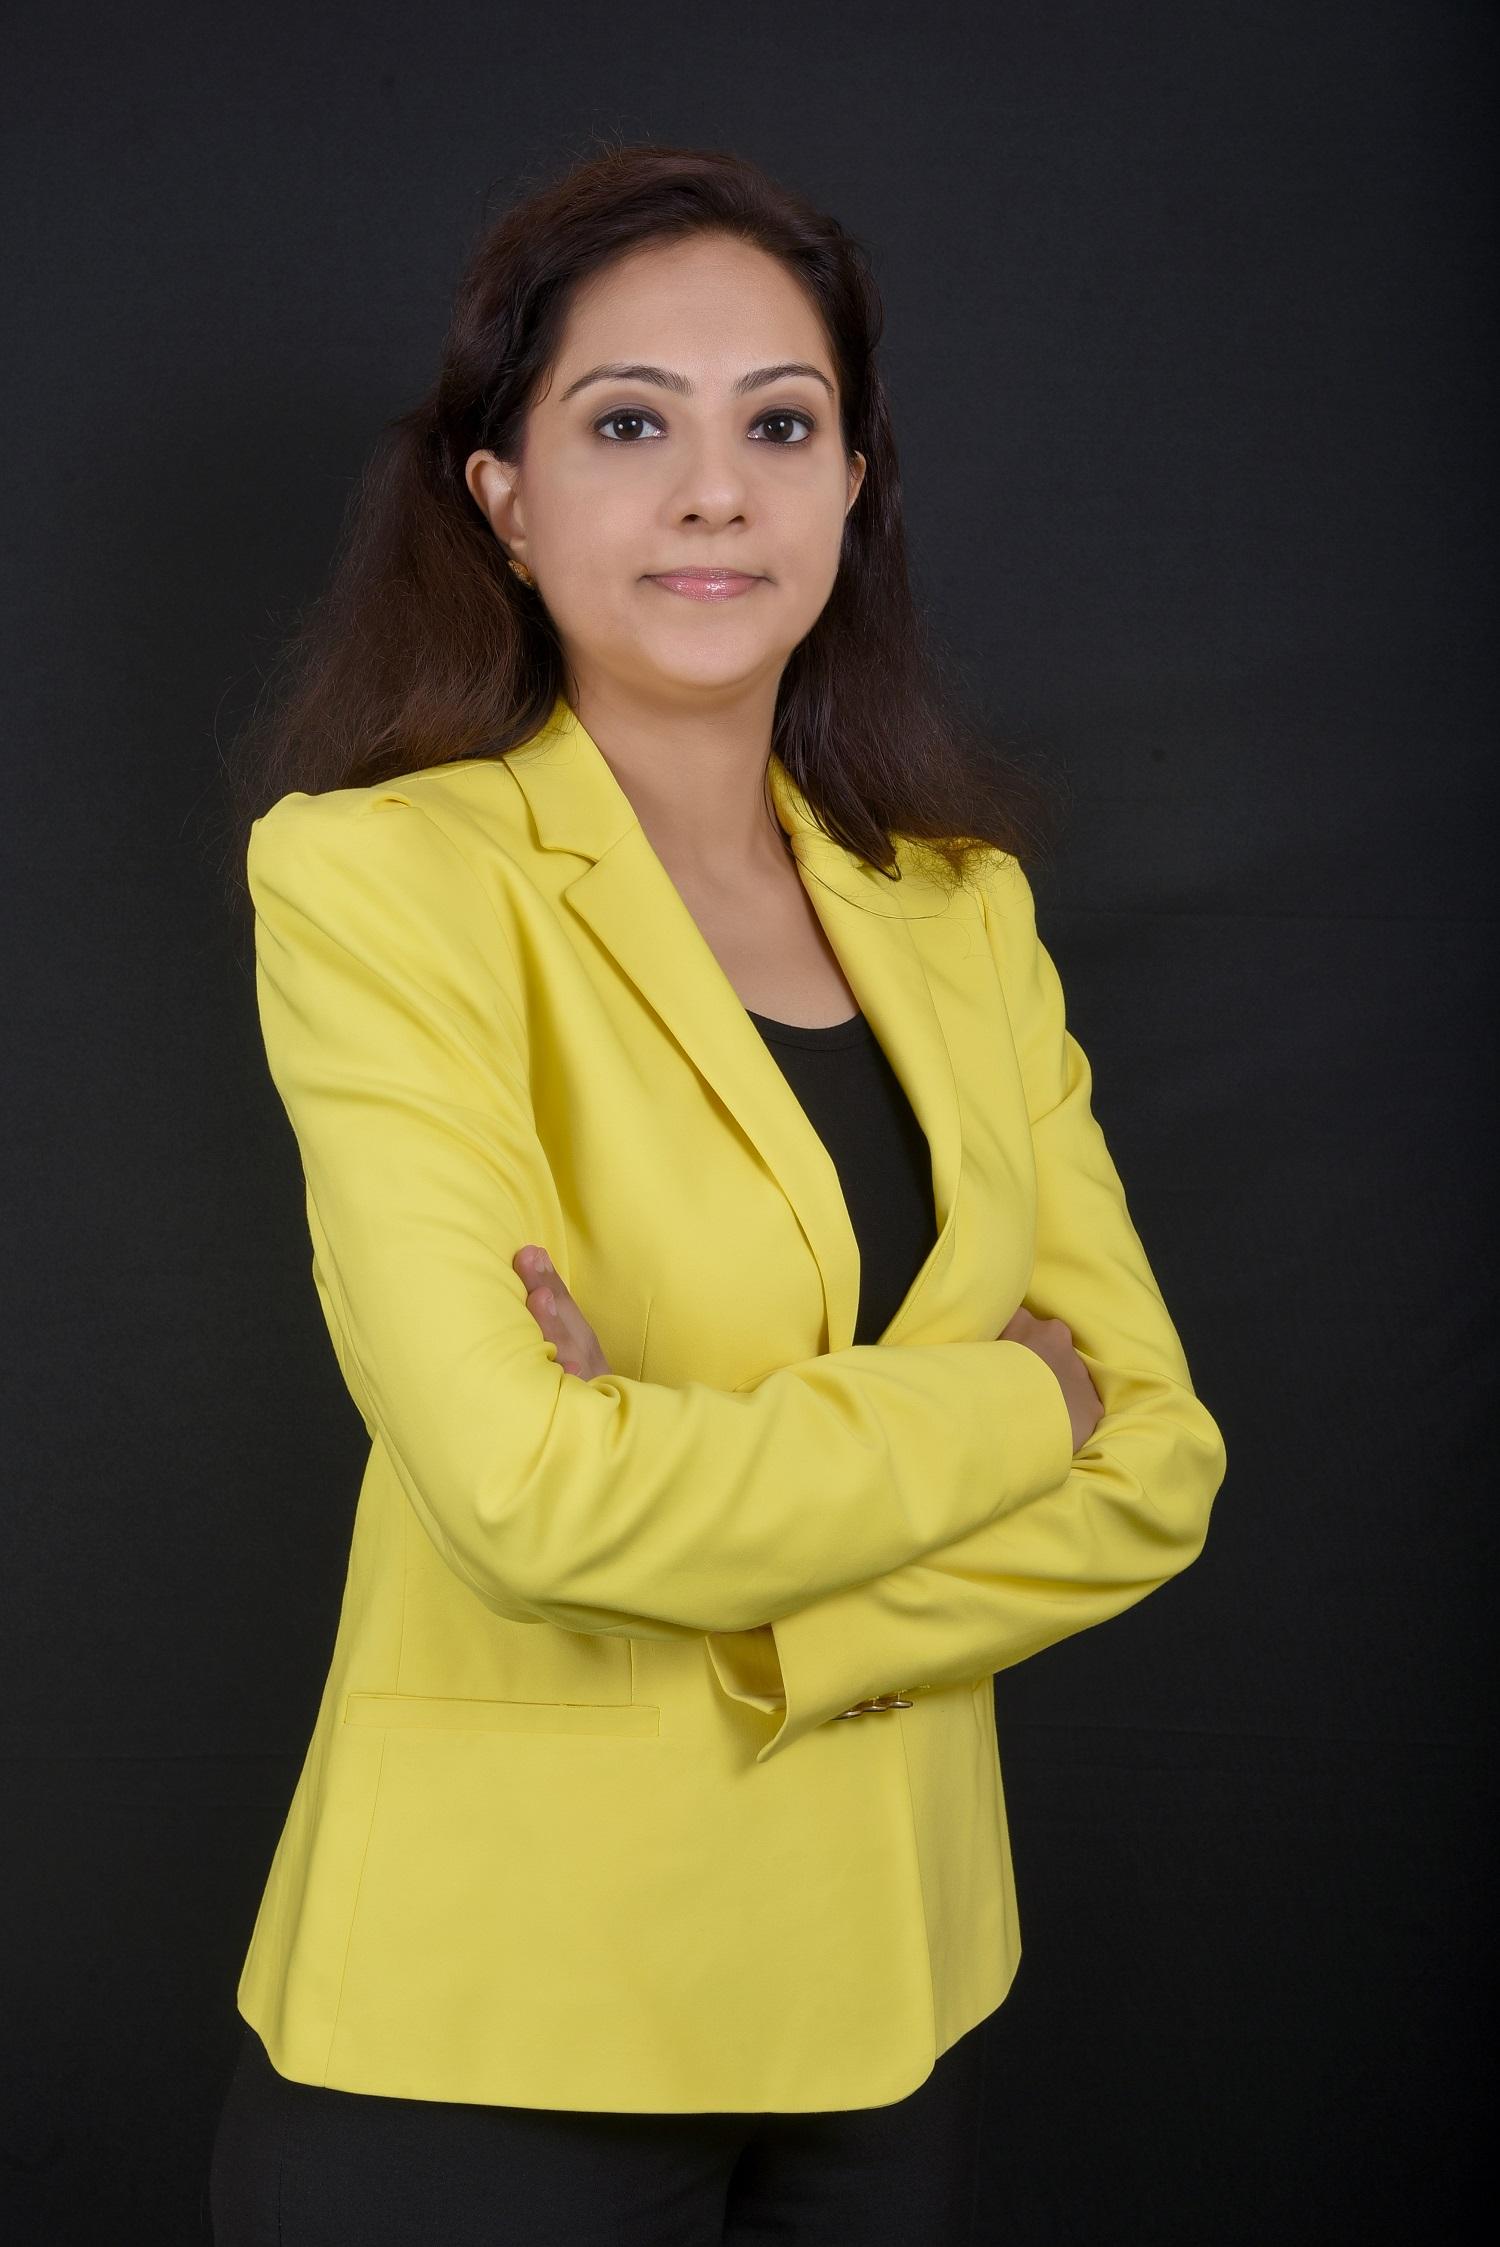 Natasha advani Profile photo